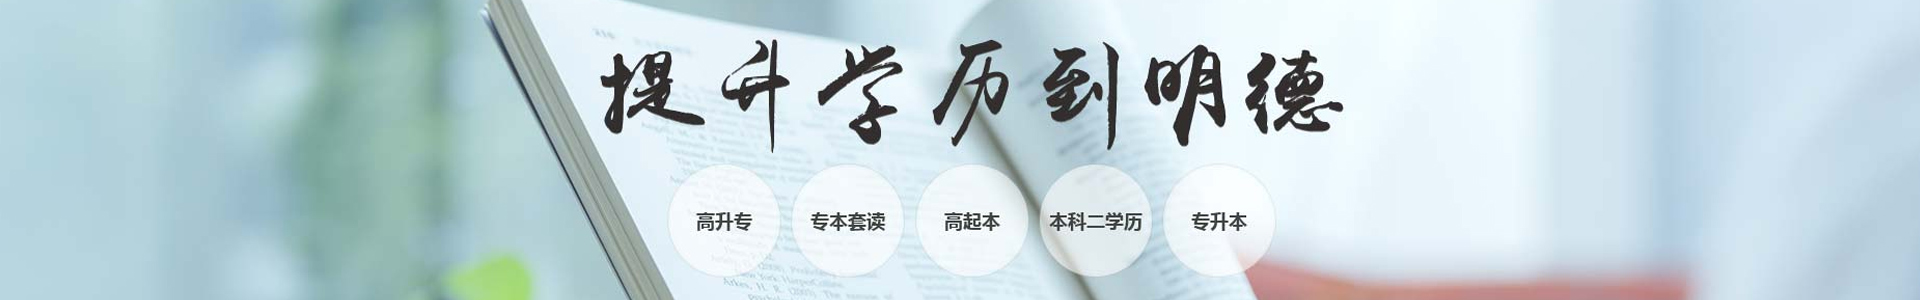 深圳明德学历提升机构